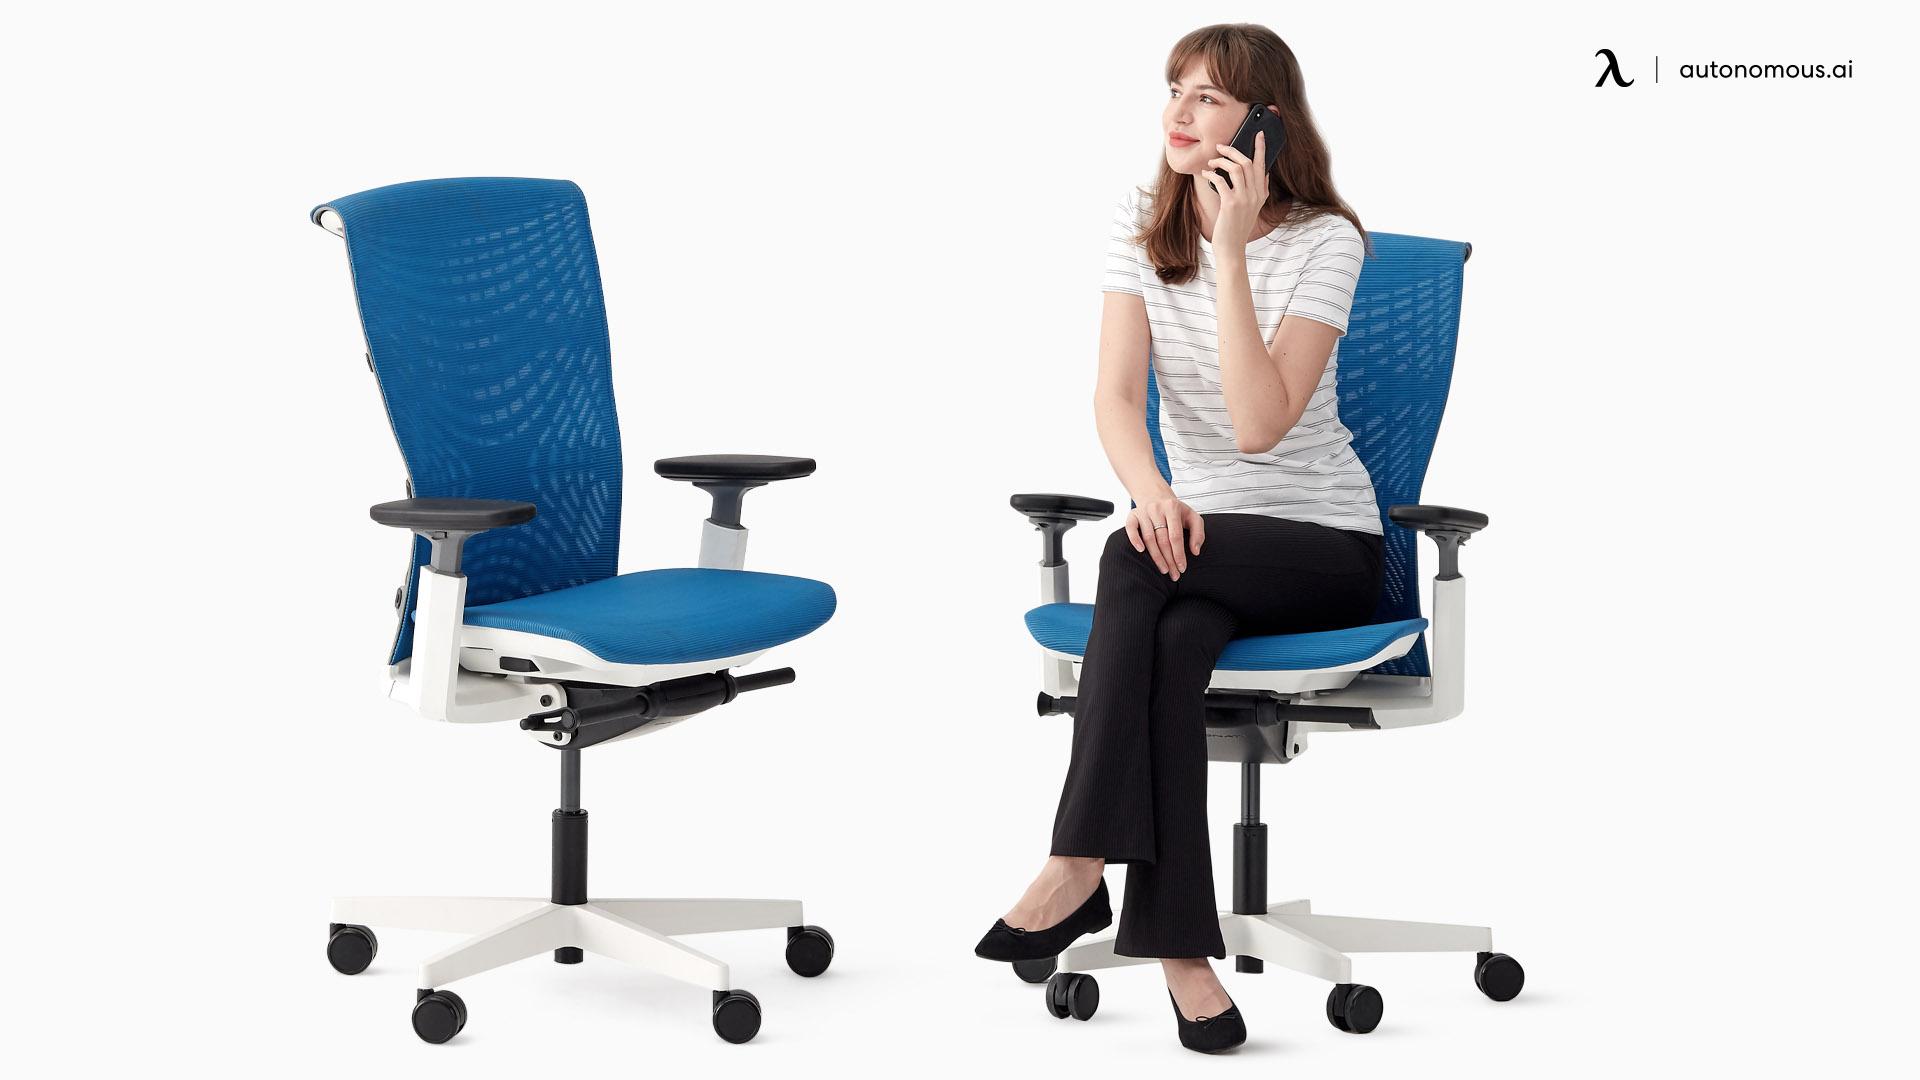 ErgoChair Pro+ as office chair design